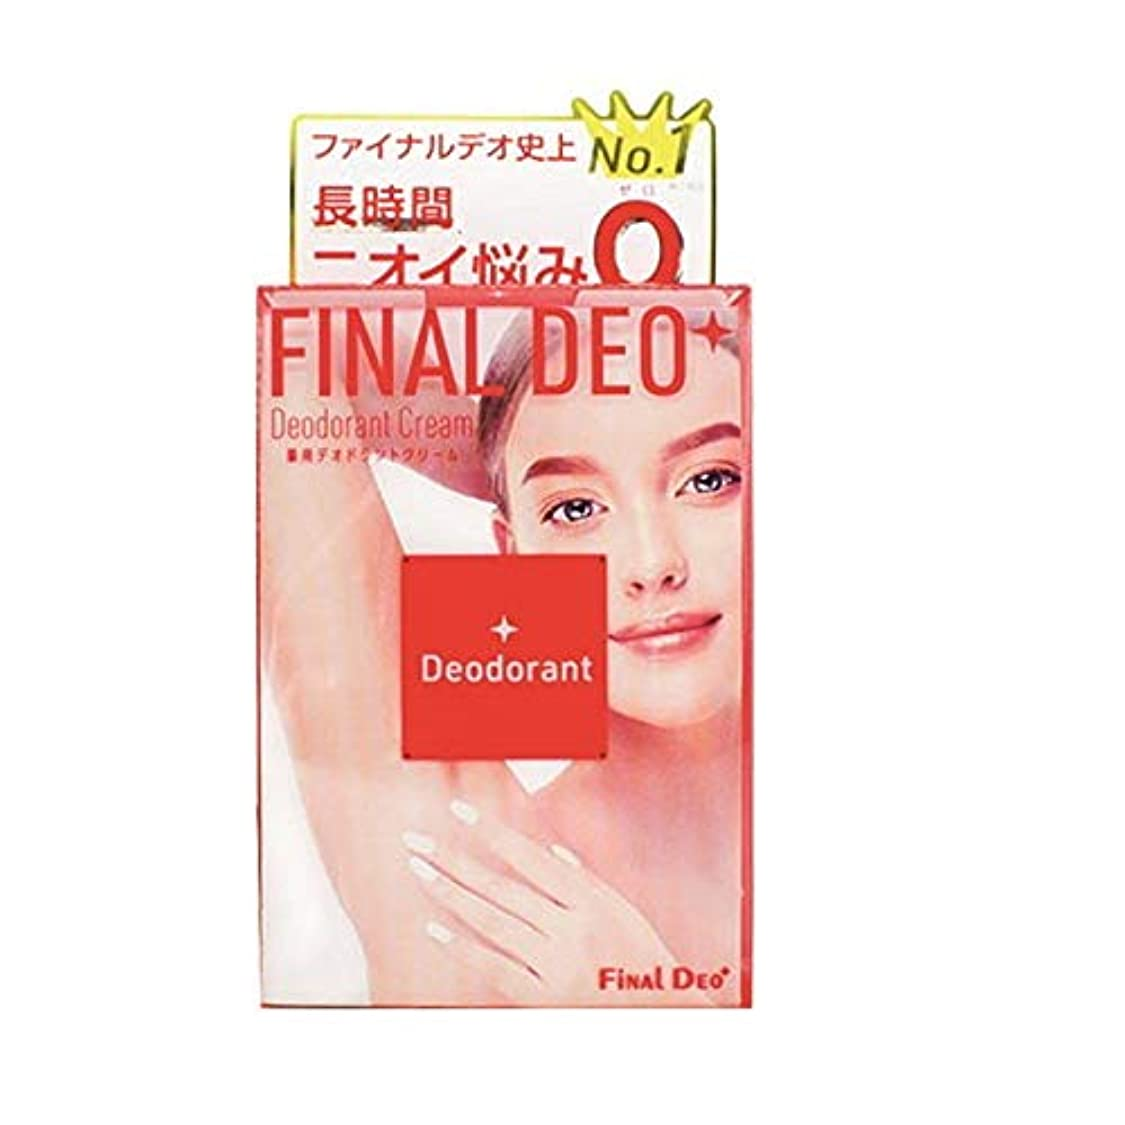 前売誇りに思うハチ【医薬部外品】薬用デオドラントクリーム ファイナルデオプラス 10g